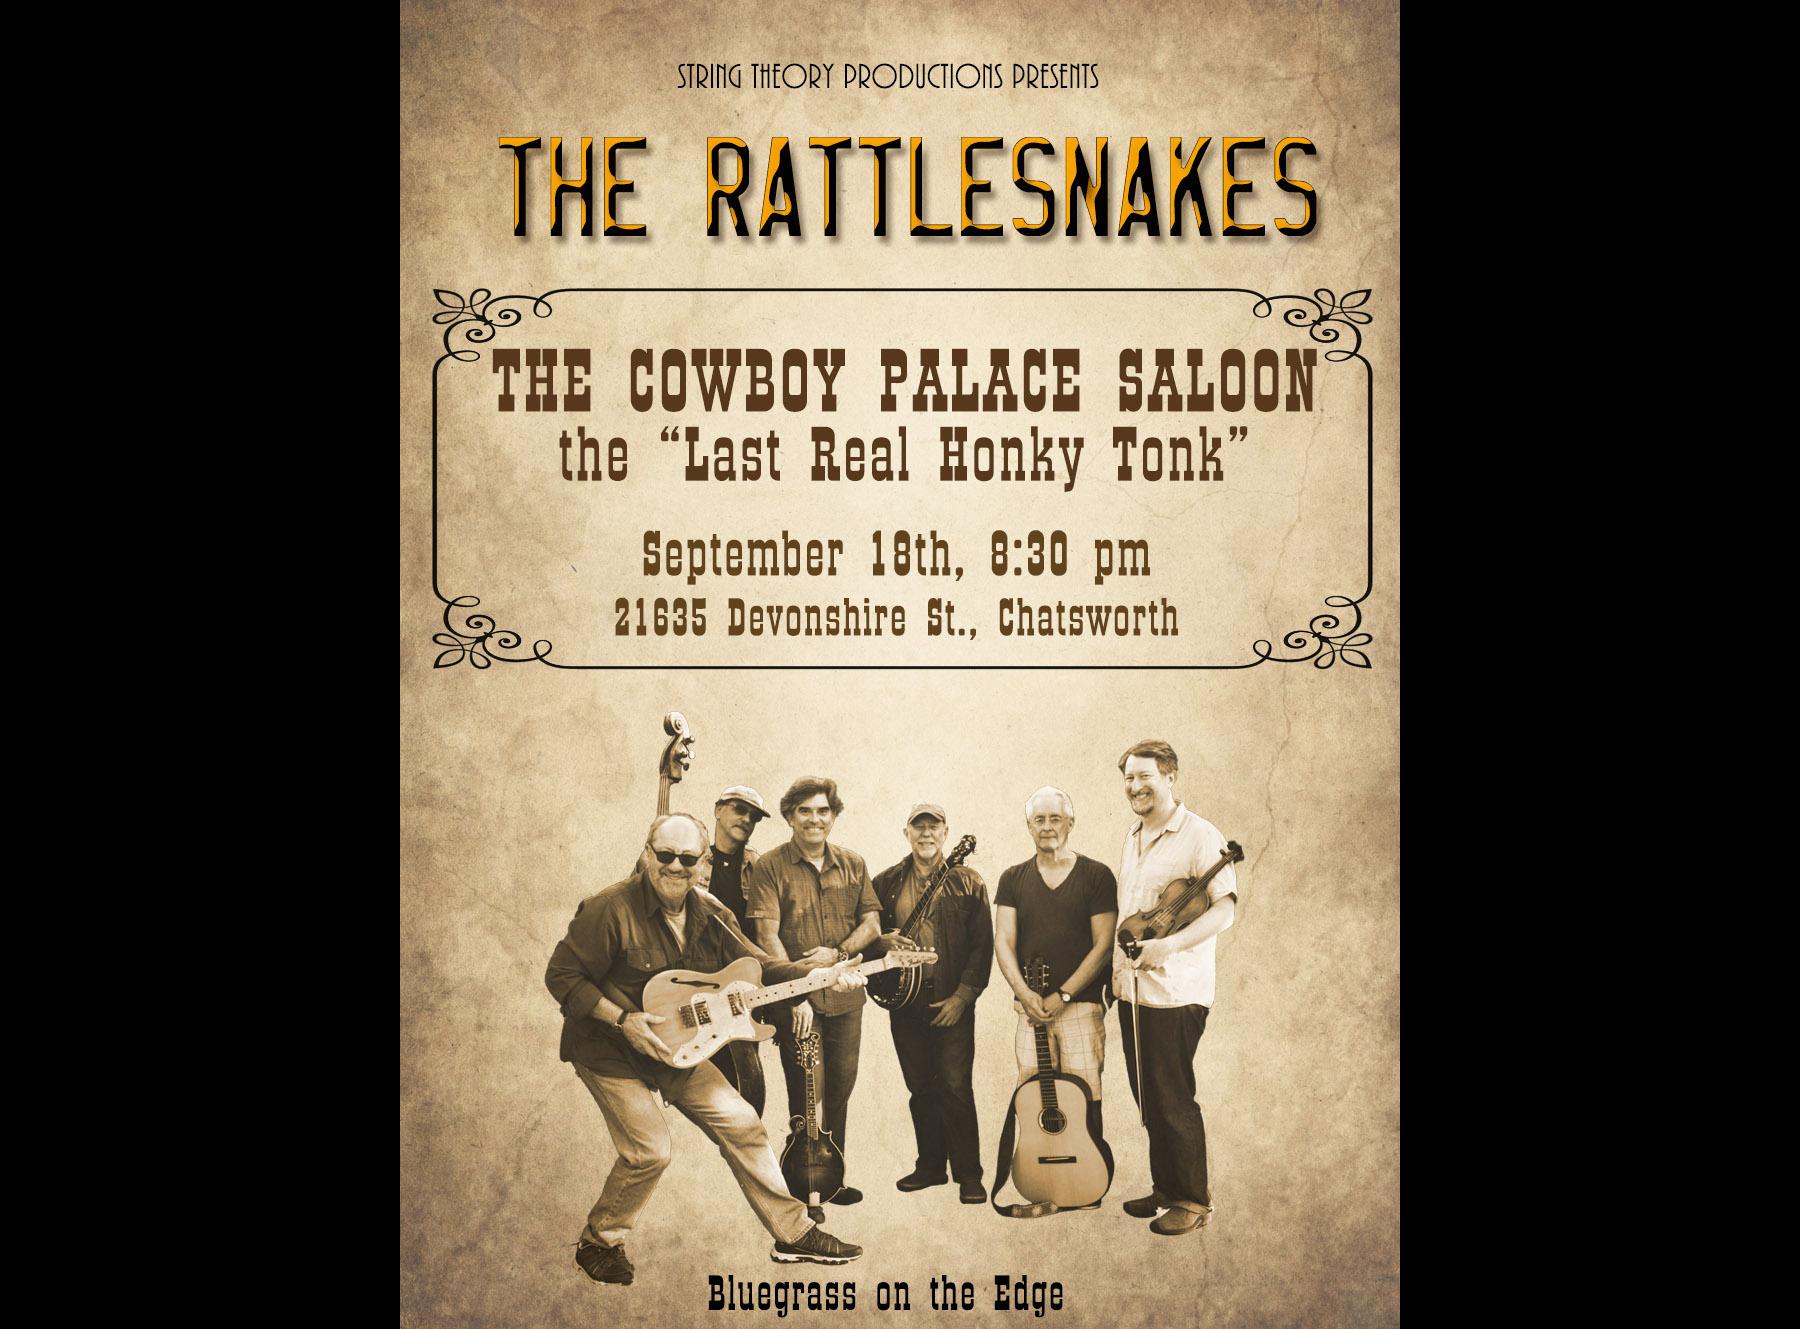 Cowboy Palace Poster_9-18.jpg